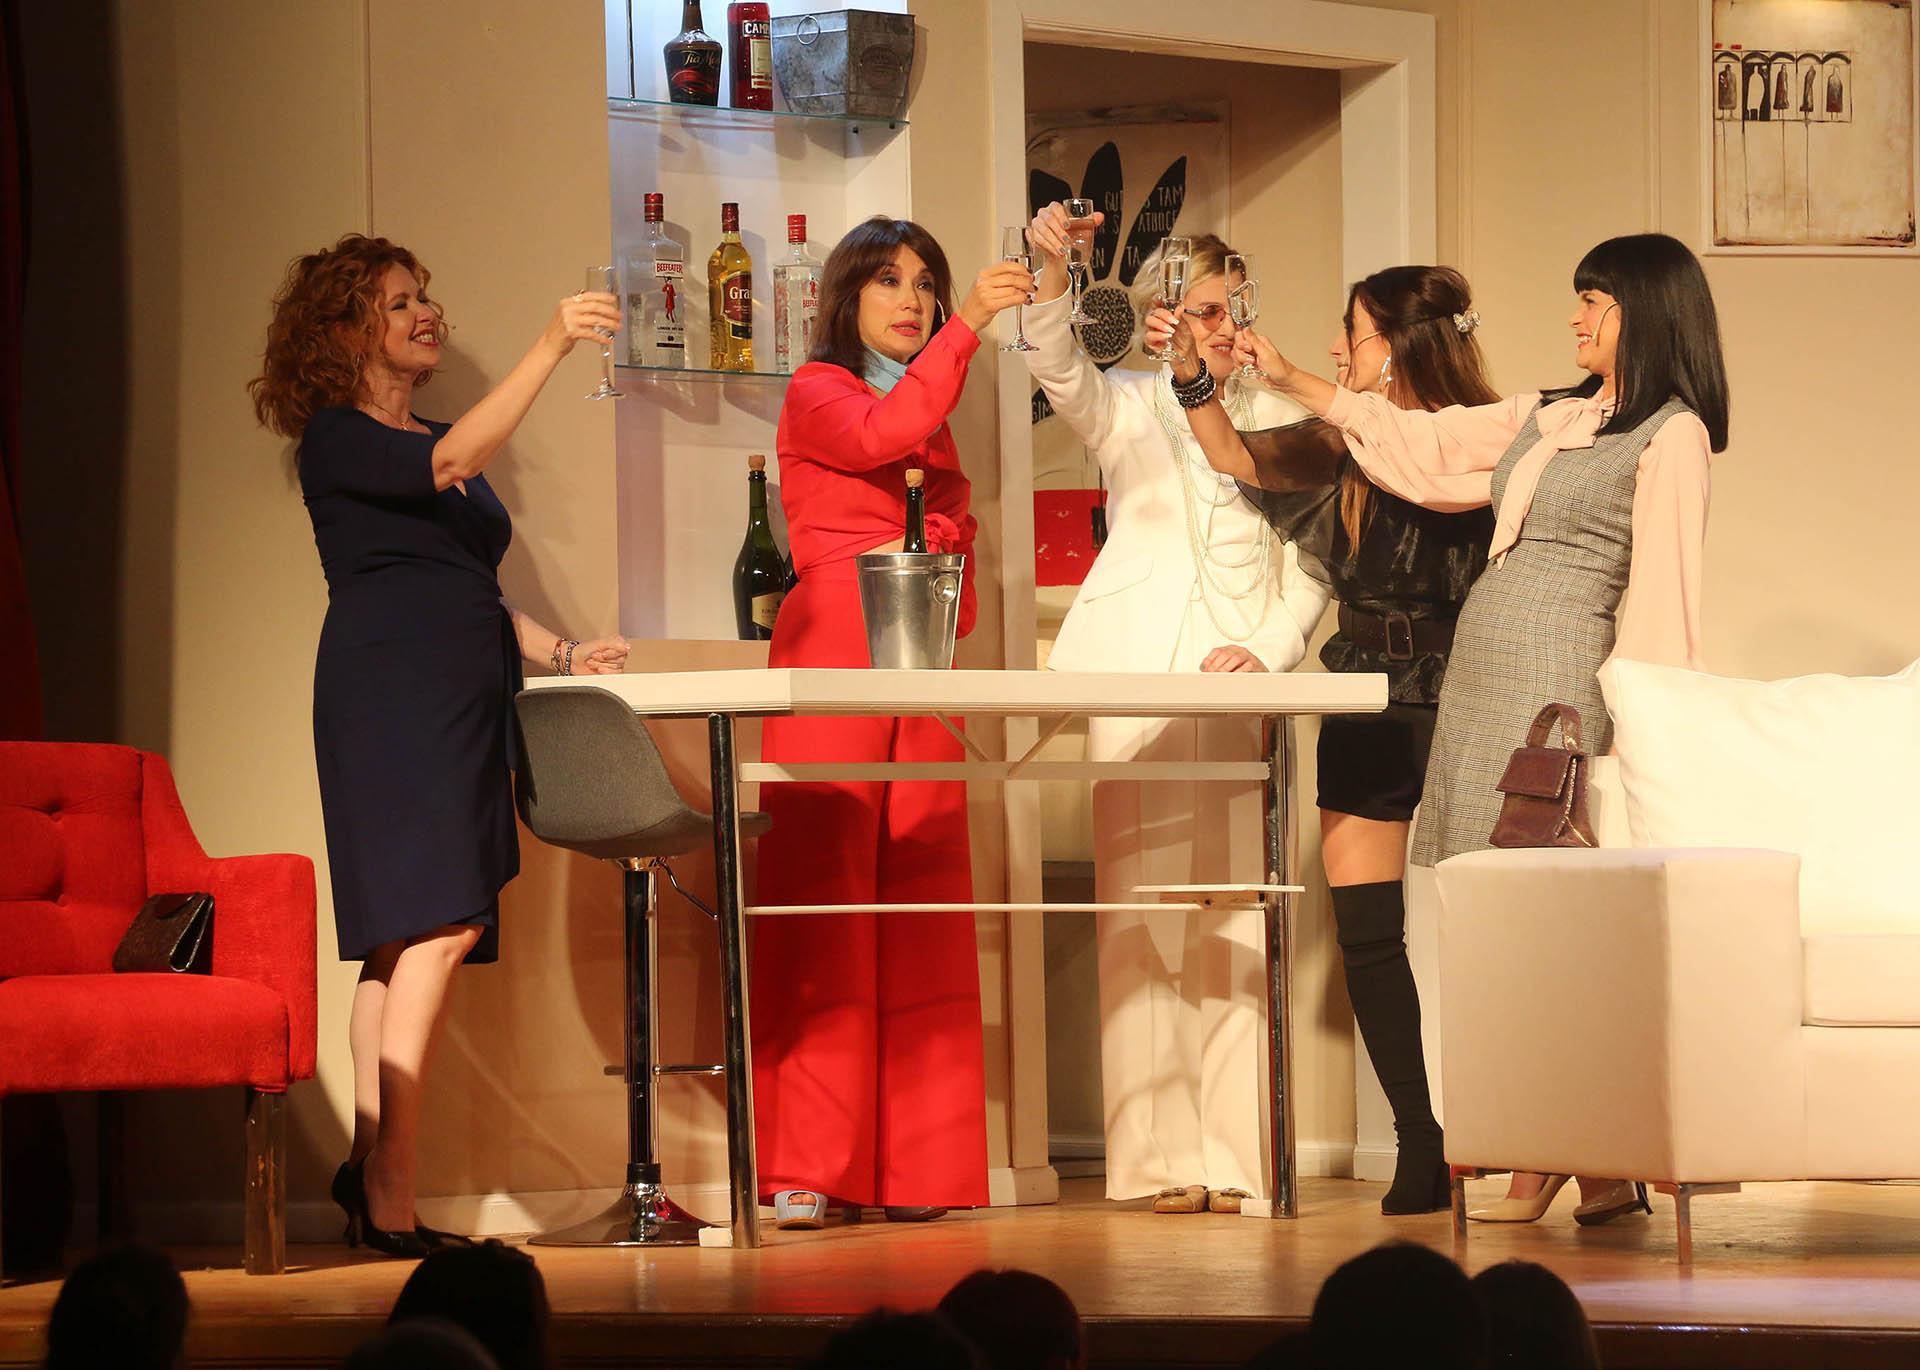 """Se reestrenó """"Brujas"""" con nuevo elenco: Leonora Balcarce, Andrea Bonelli, Andrea del Boca, Romina Richi y Viviana Saccone (Verónica Guerman/ Teleshow)"""